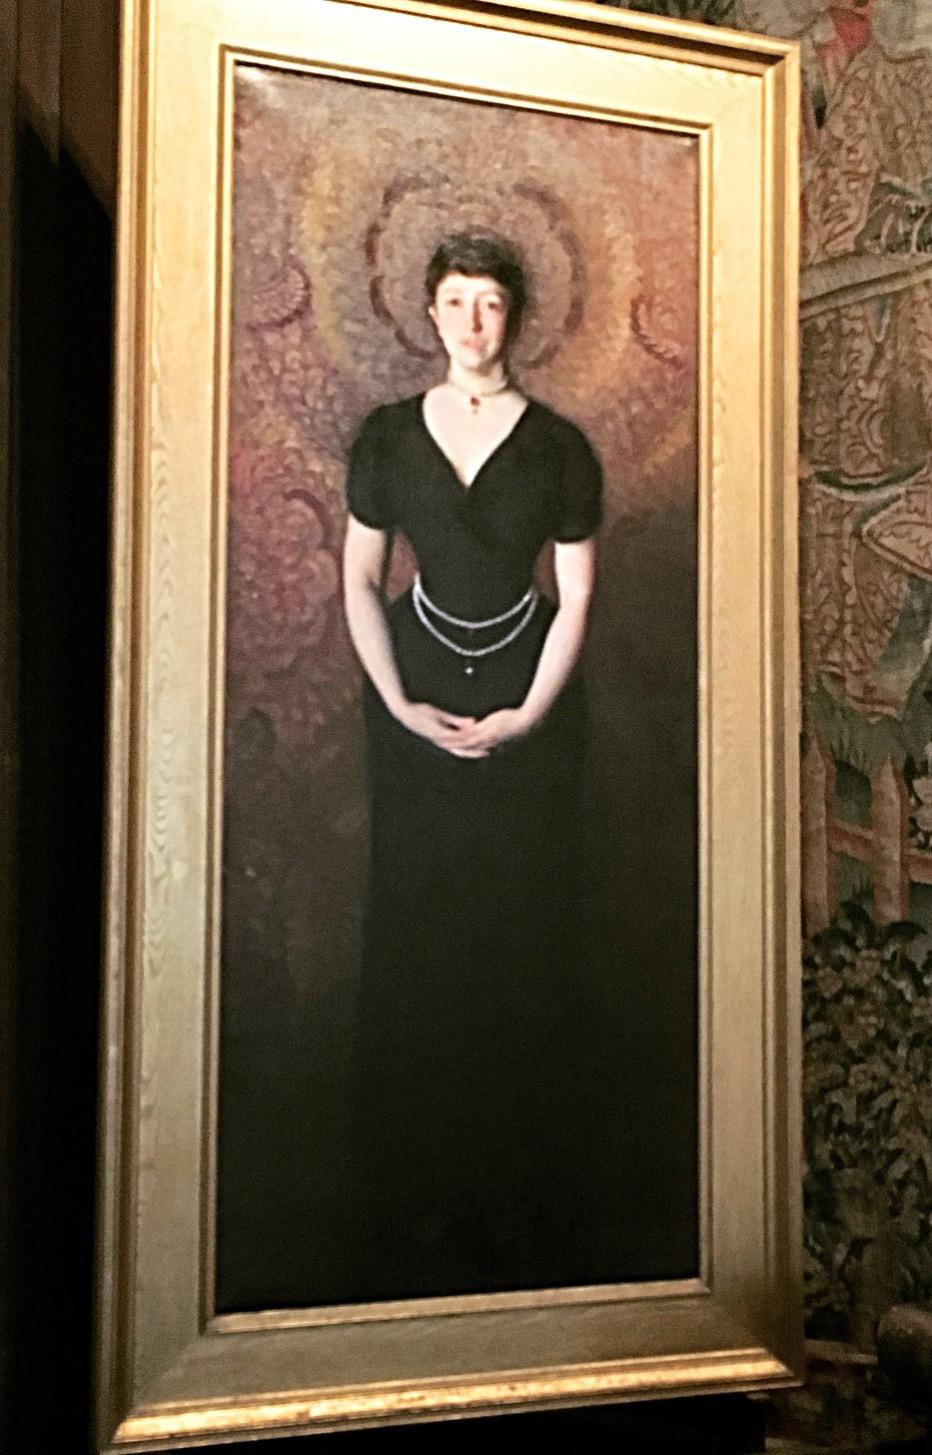 Isabella Stewart Gardner portrait by John Singer Sargent. Photo by Diana Dinverno.